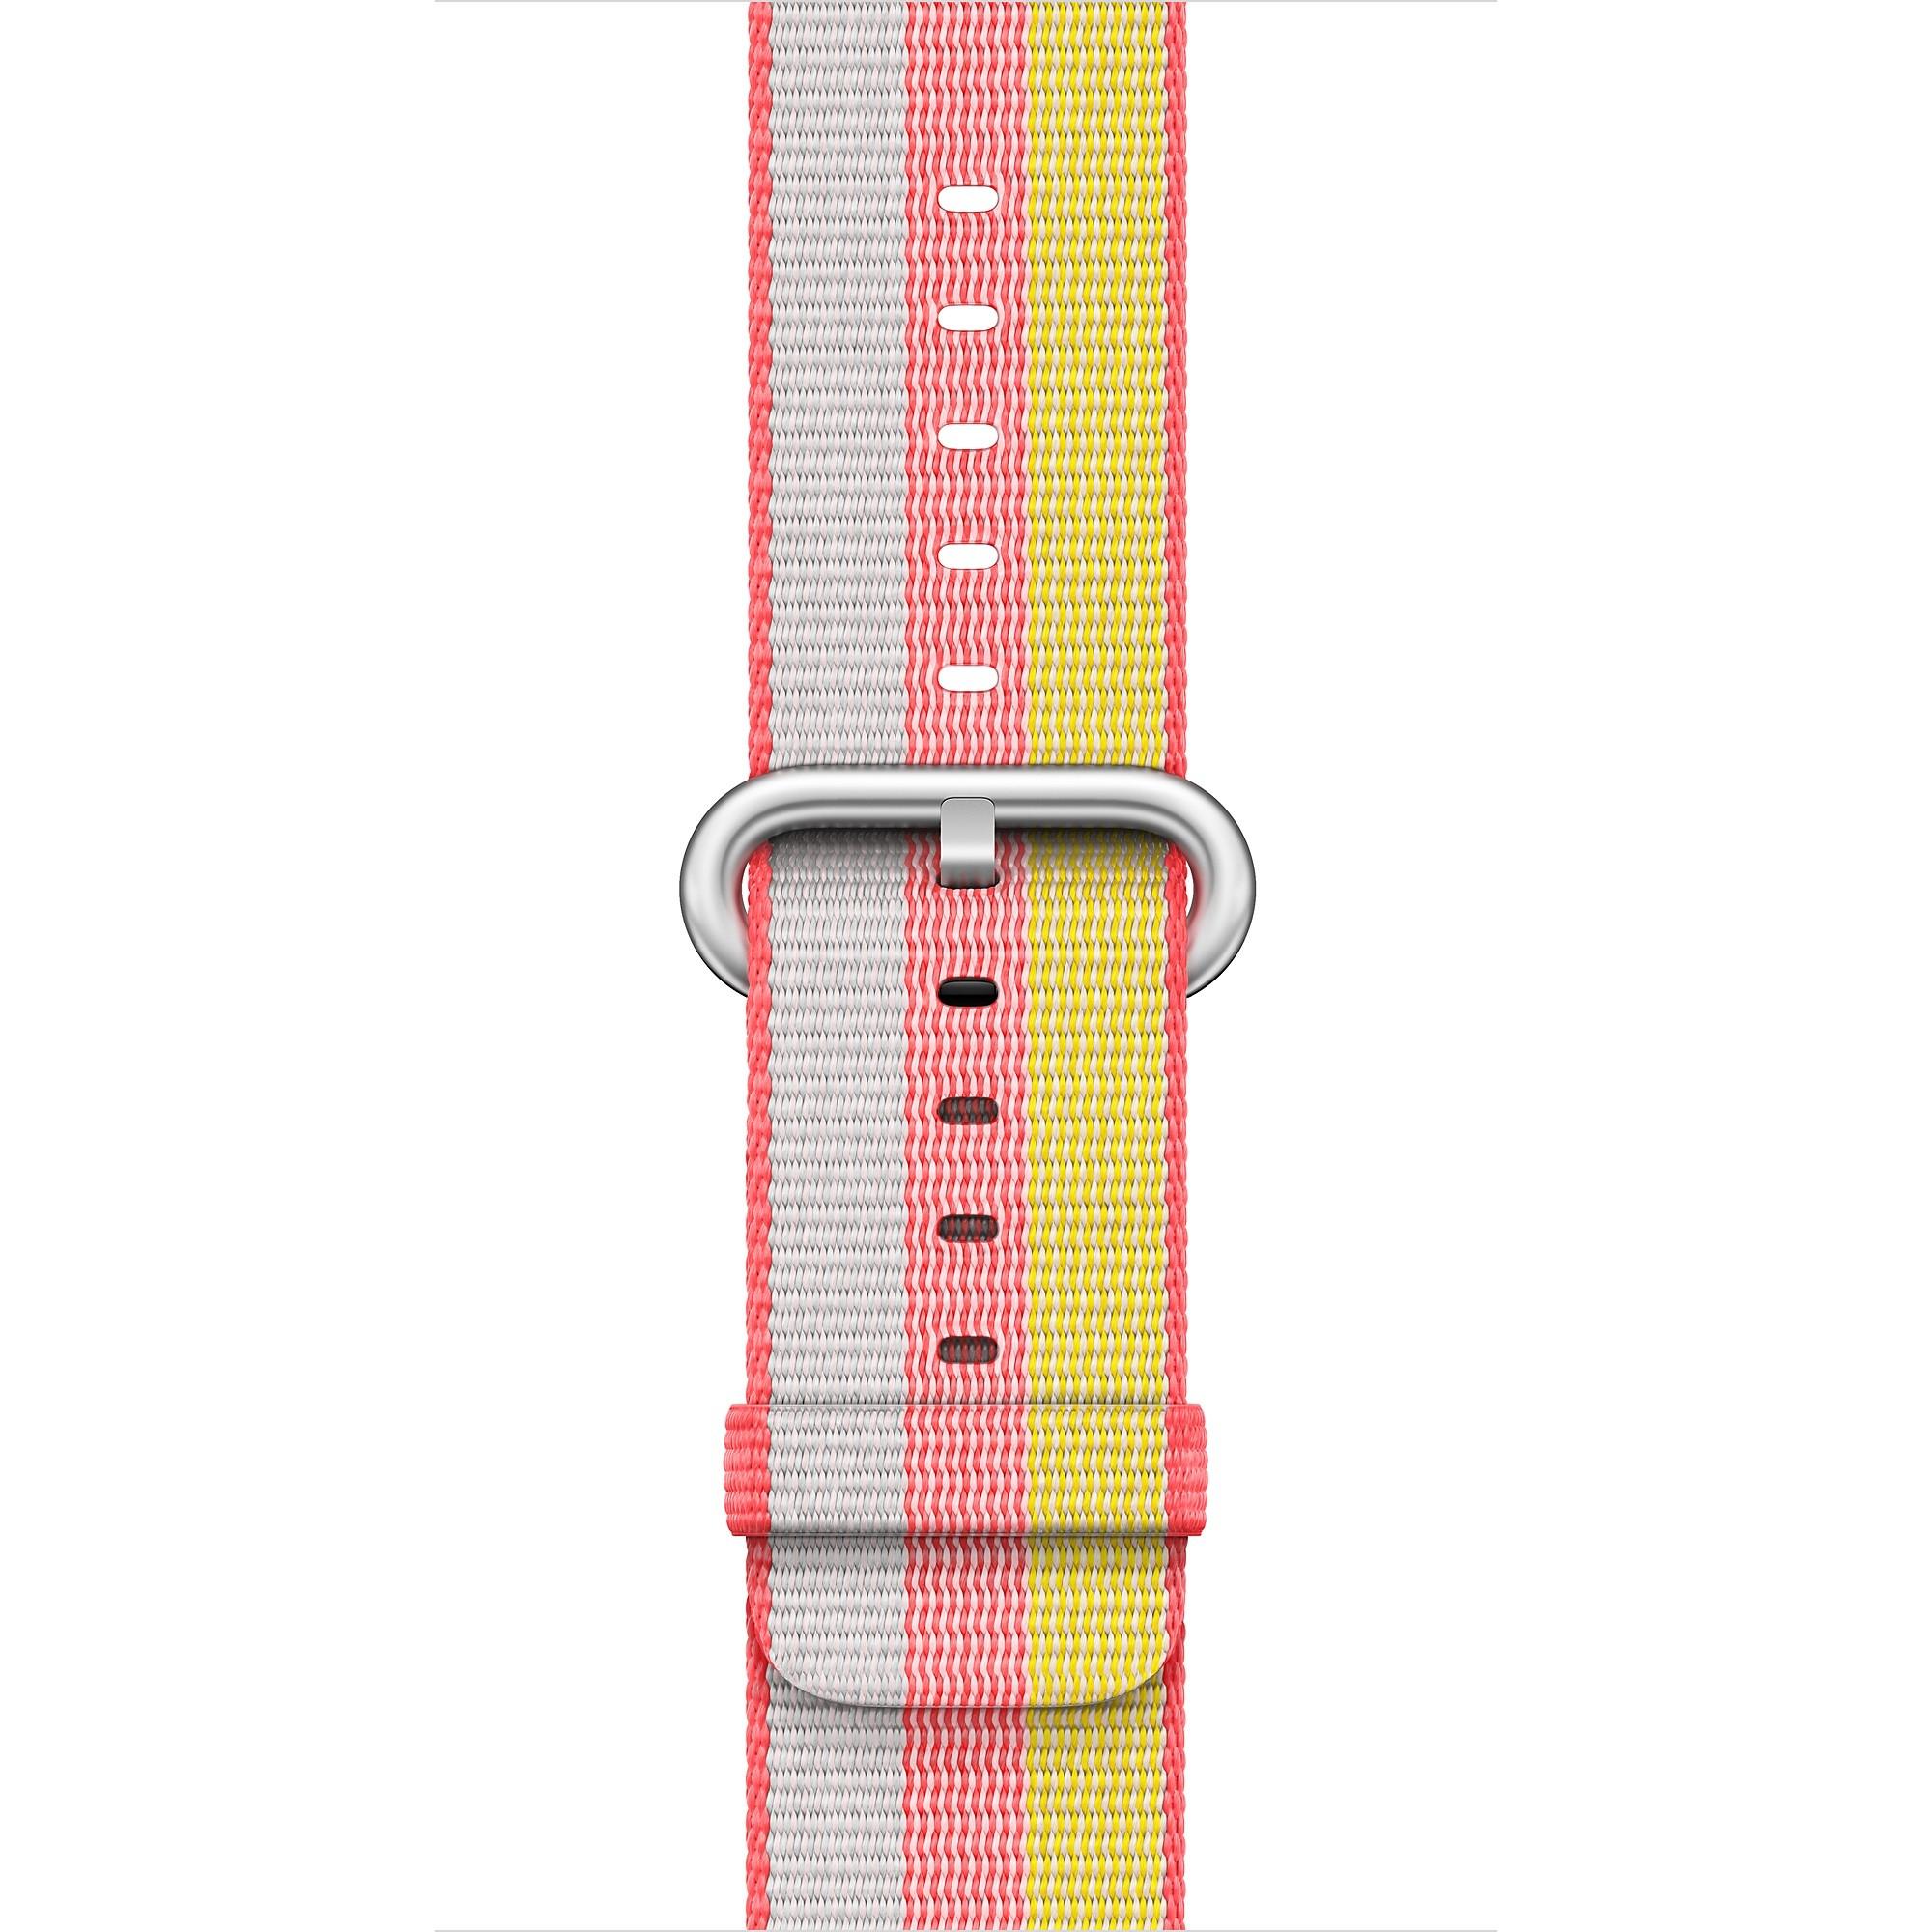 Apple - 42mm červený řemínek z tkaného nylonu